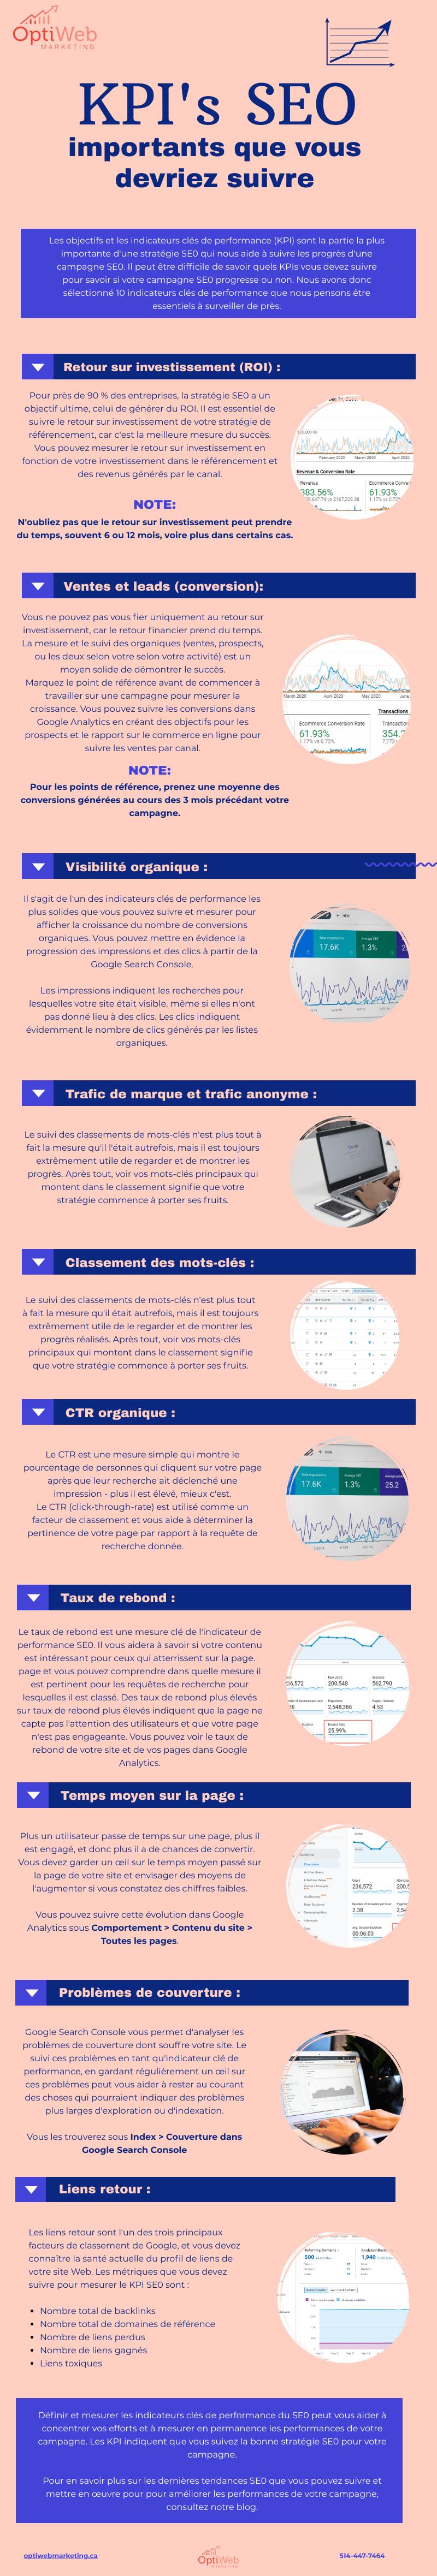 SEO KPIs Infographic